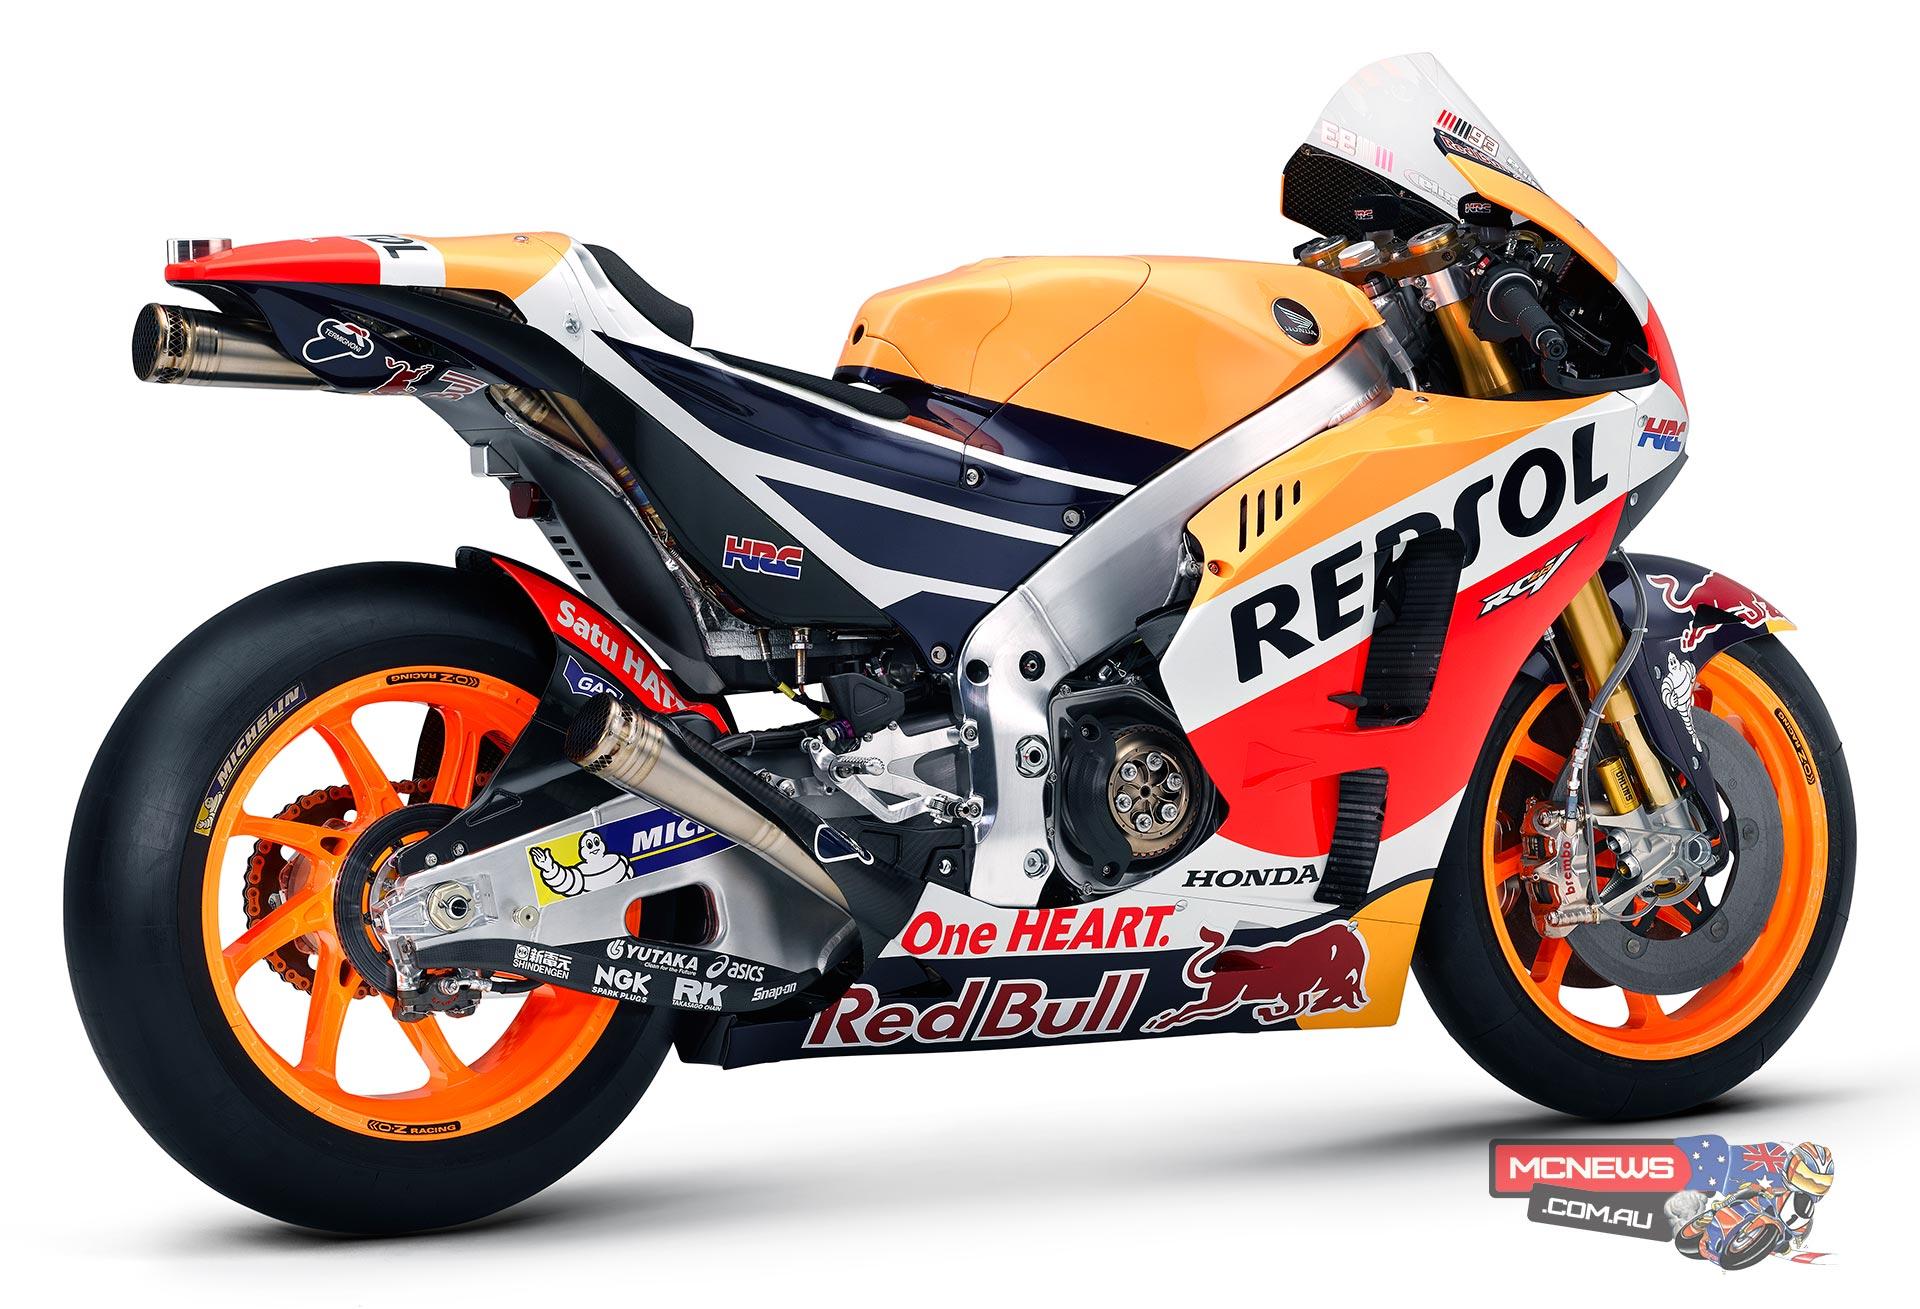 2016 Honda RC213V MotoGP reveal | MCNews.com.au